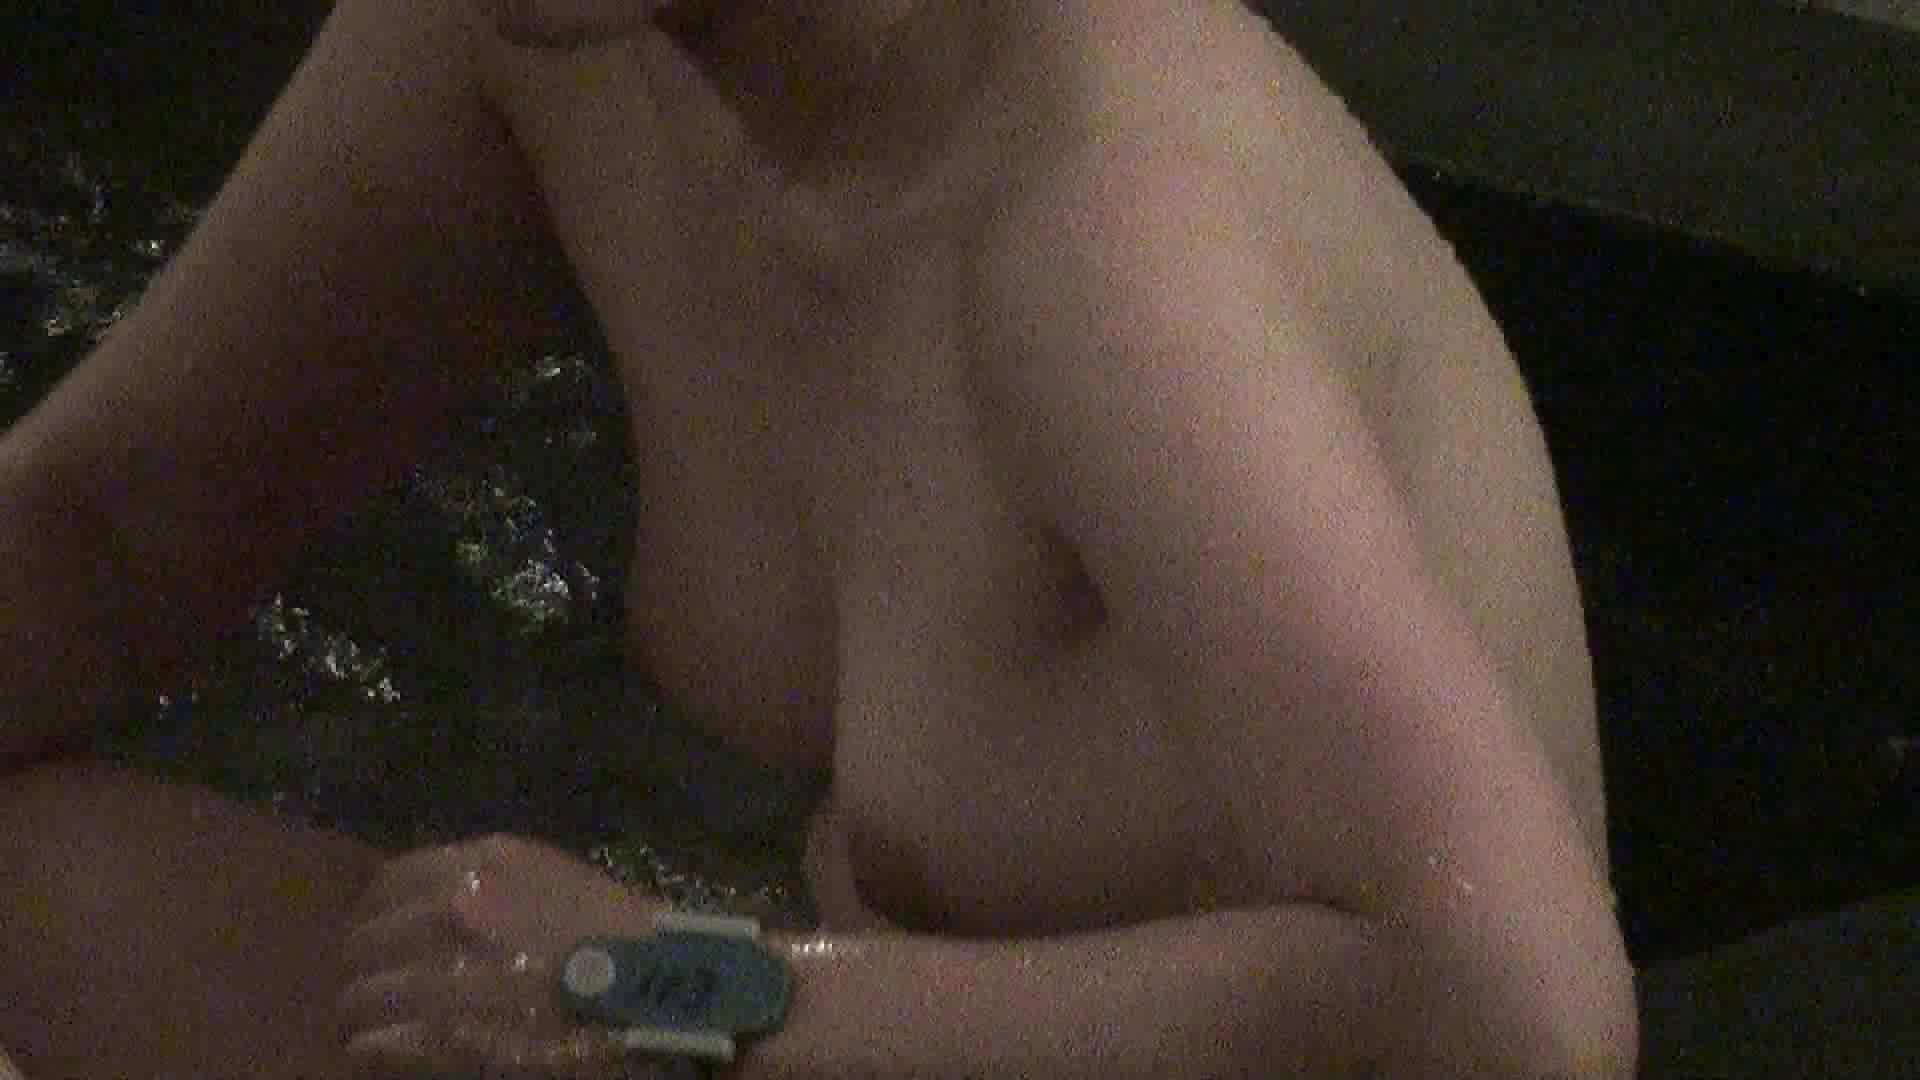 Aquaな露天風呂Vol.416 OLセックス 盗撮えろ無修正画像 52画像 11